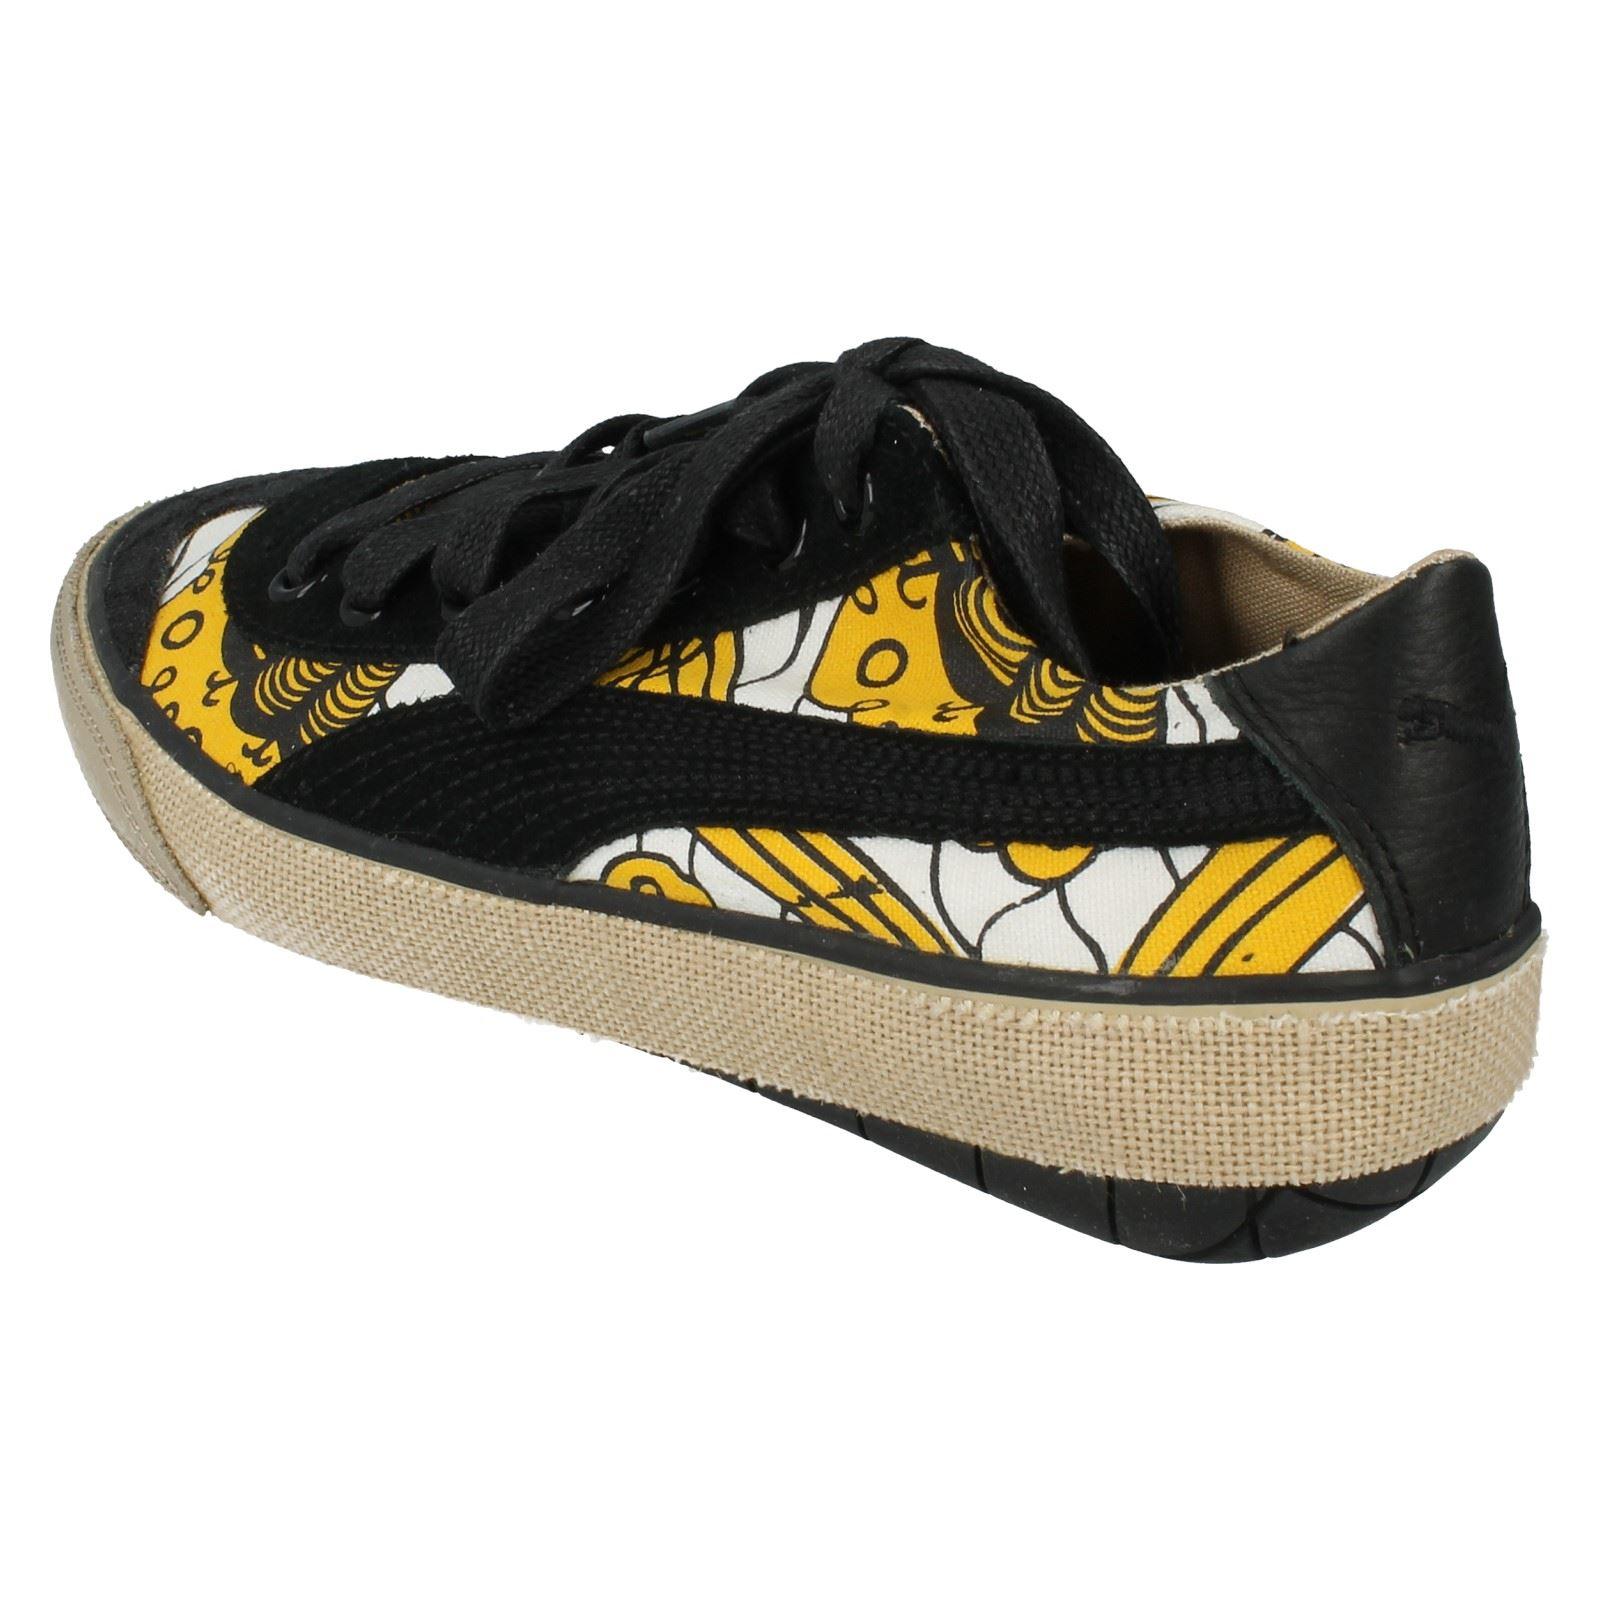 c76230282ff7 ... Hombre PUMA PUMA PUMA CANVAS Style 917 lo Sacko nuevos zapatos para  hombres y mujeres